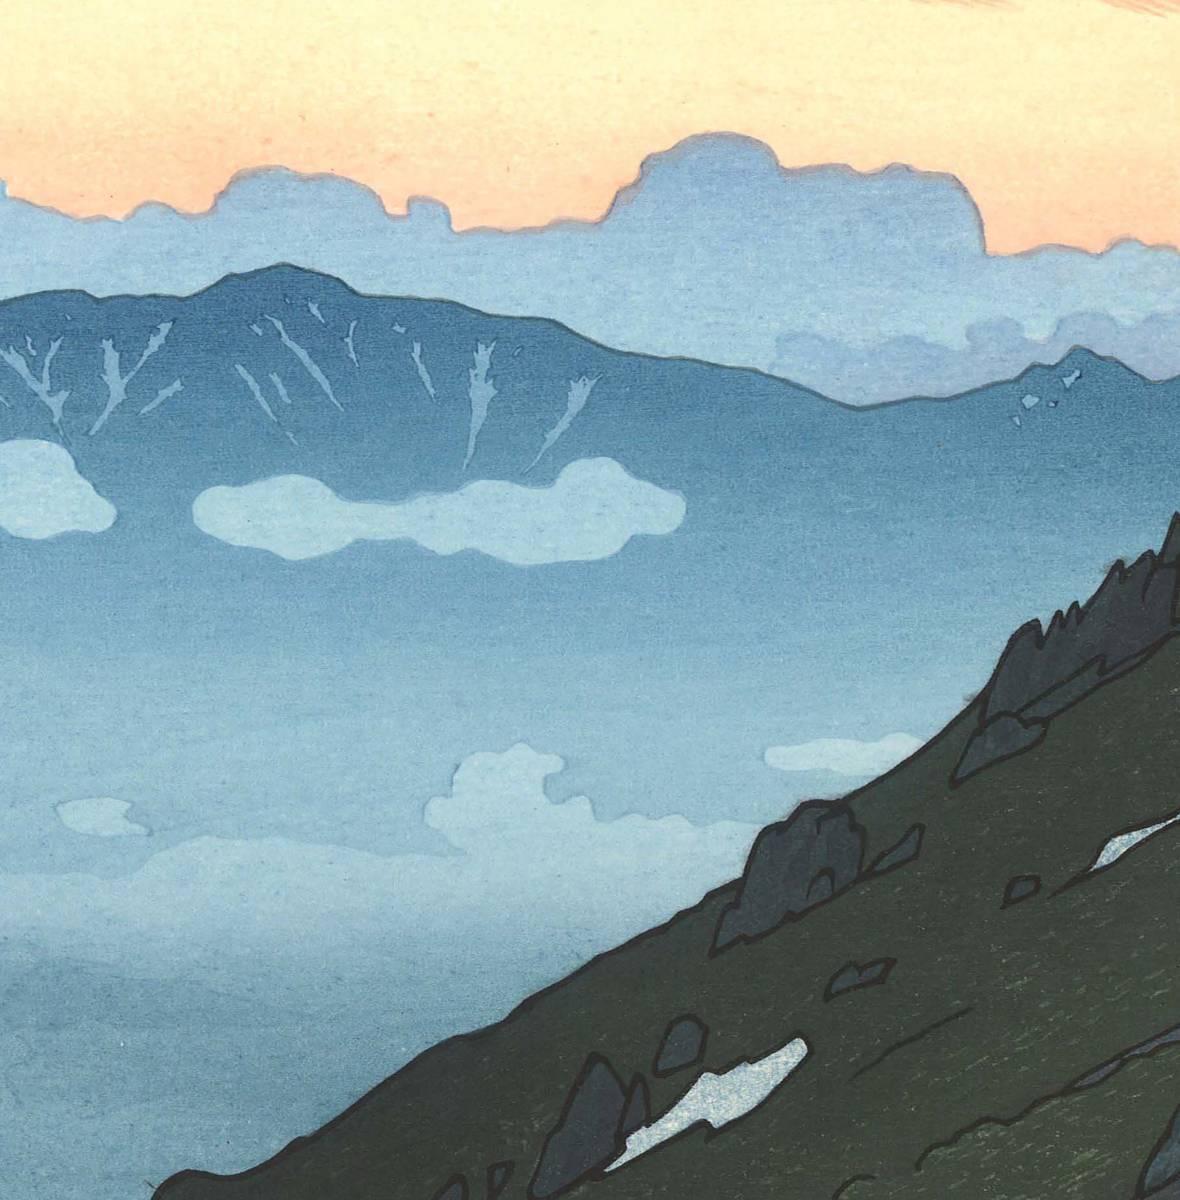 吉田遠志 木版画  夕の燕岳 (Tsubakurodake Evening) 初摺1951年  最高峰の摺師の技をご堪能下さい!!_画像9